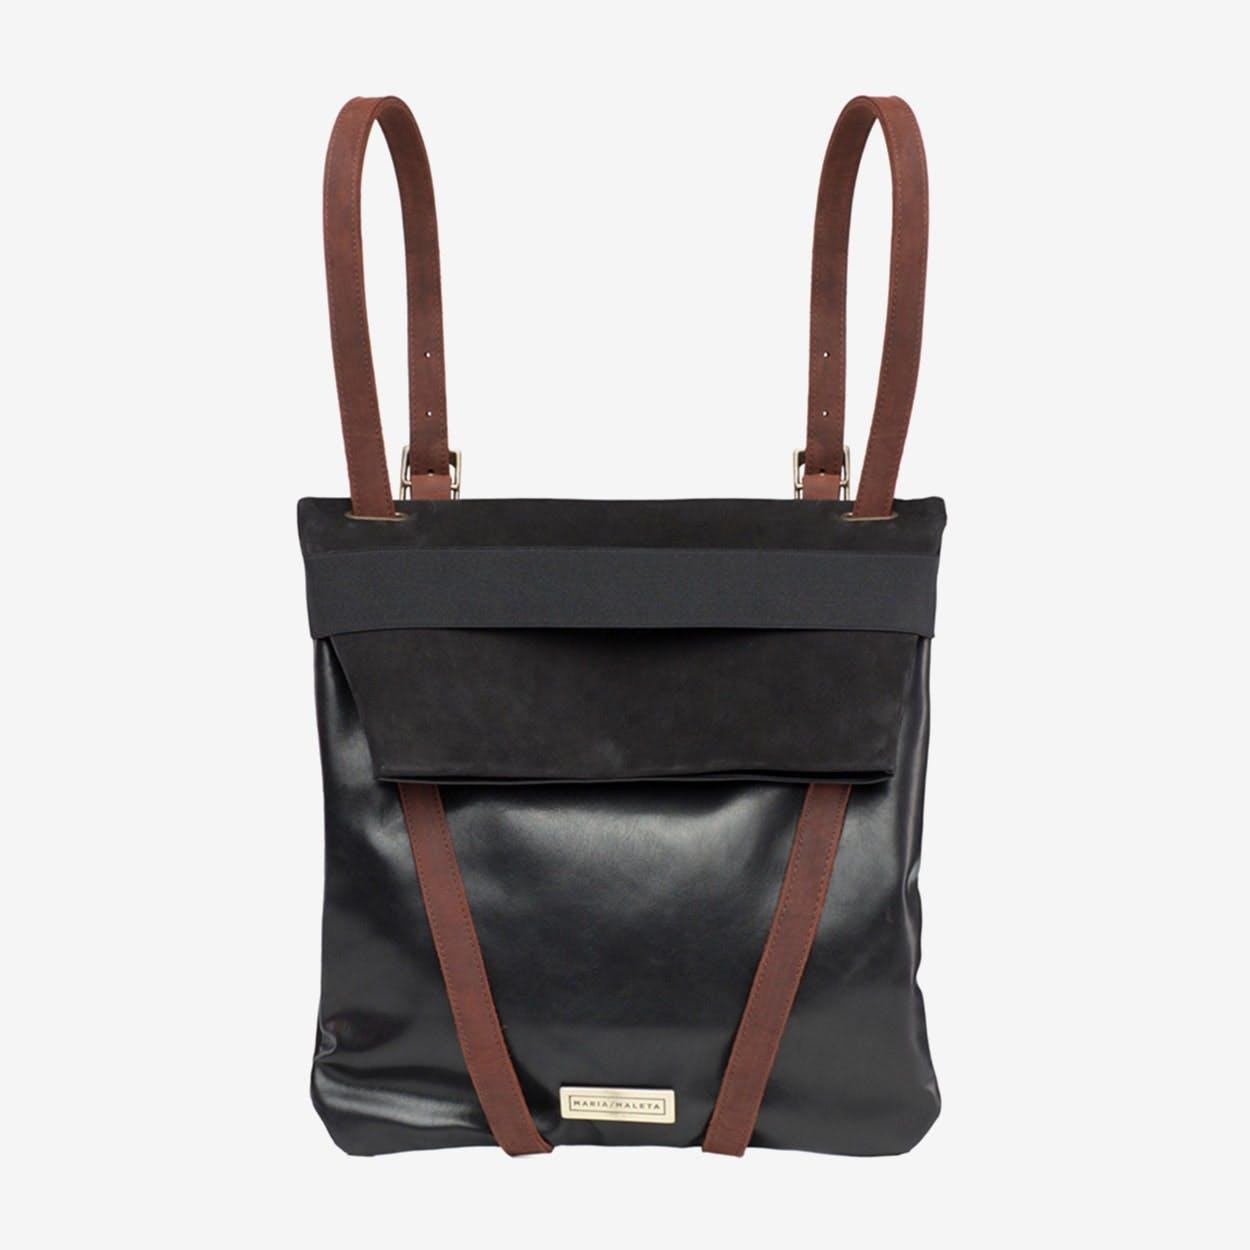 Backpack Black - Maria Maleta